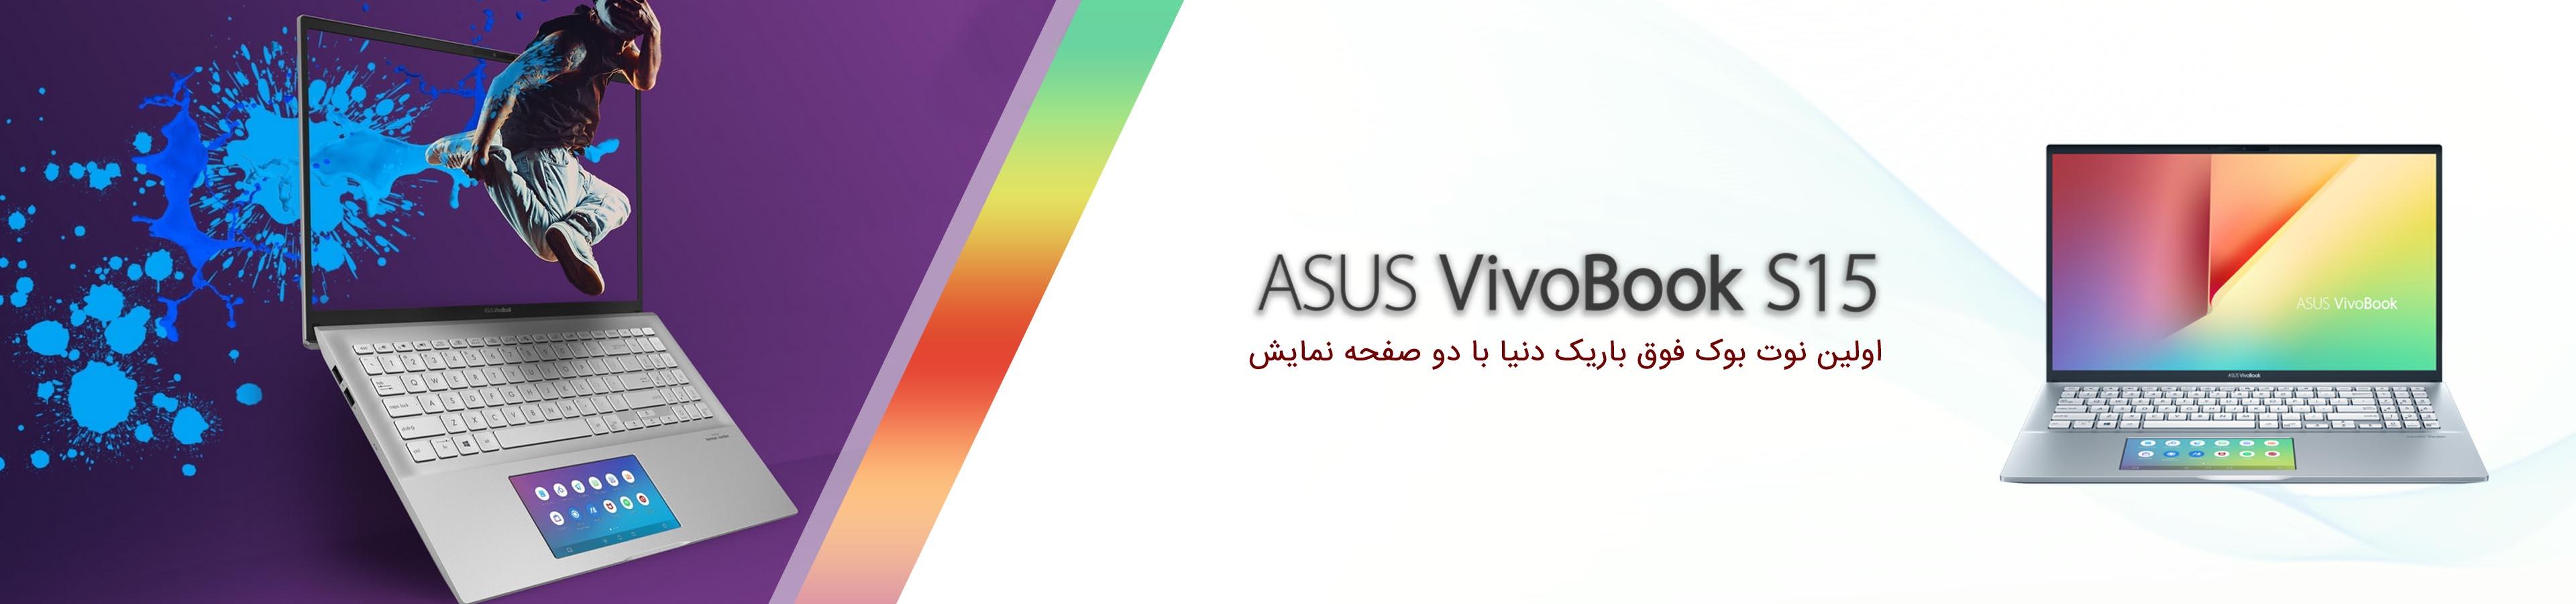 Asus S532